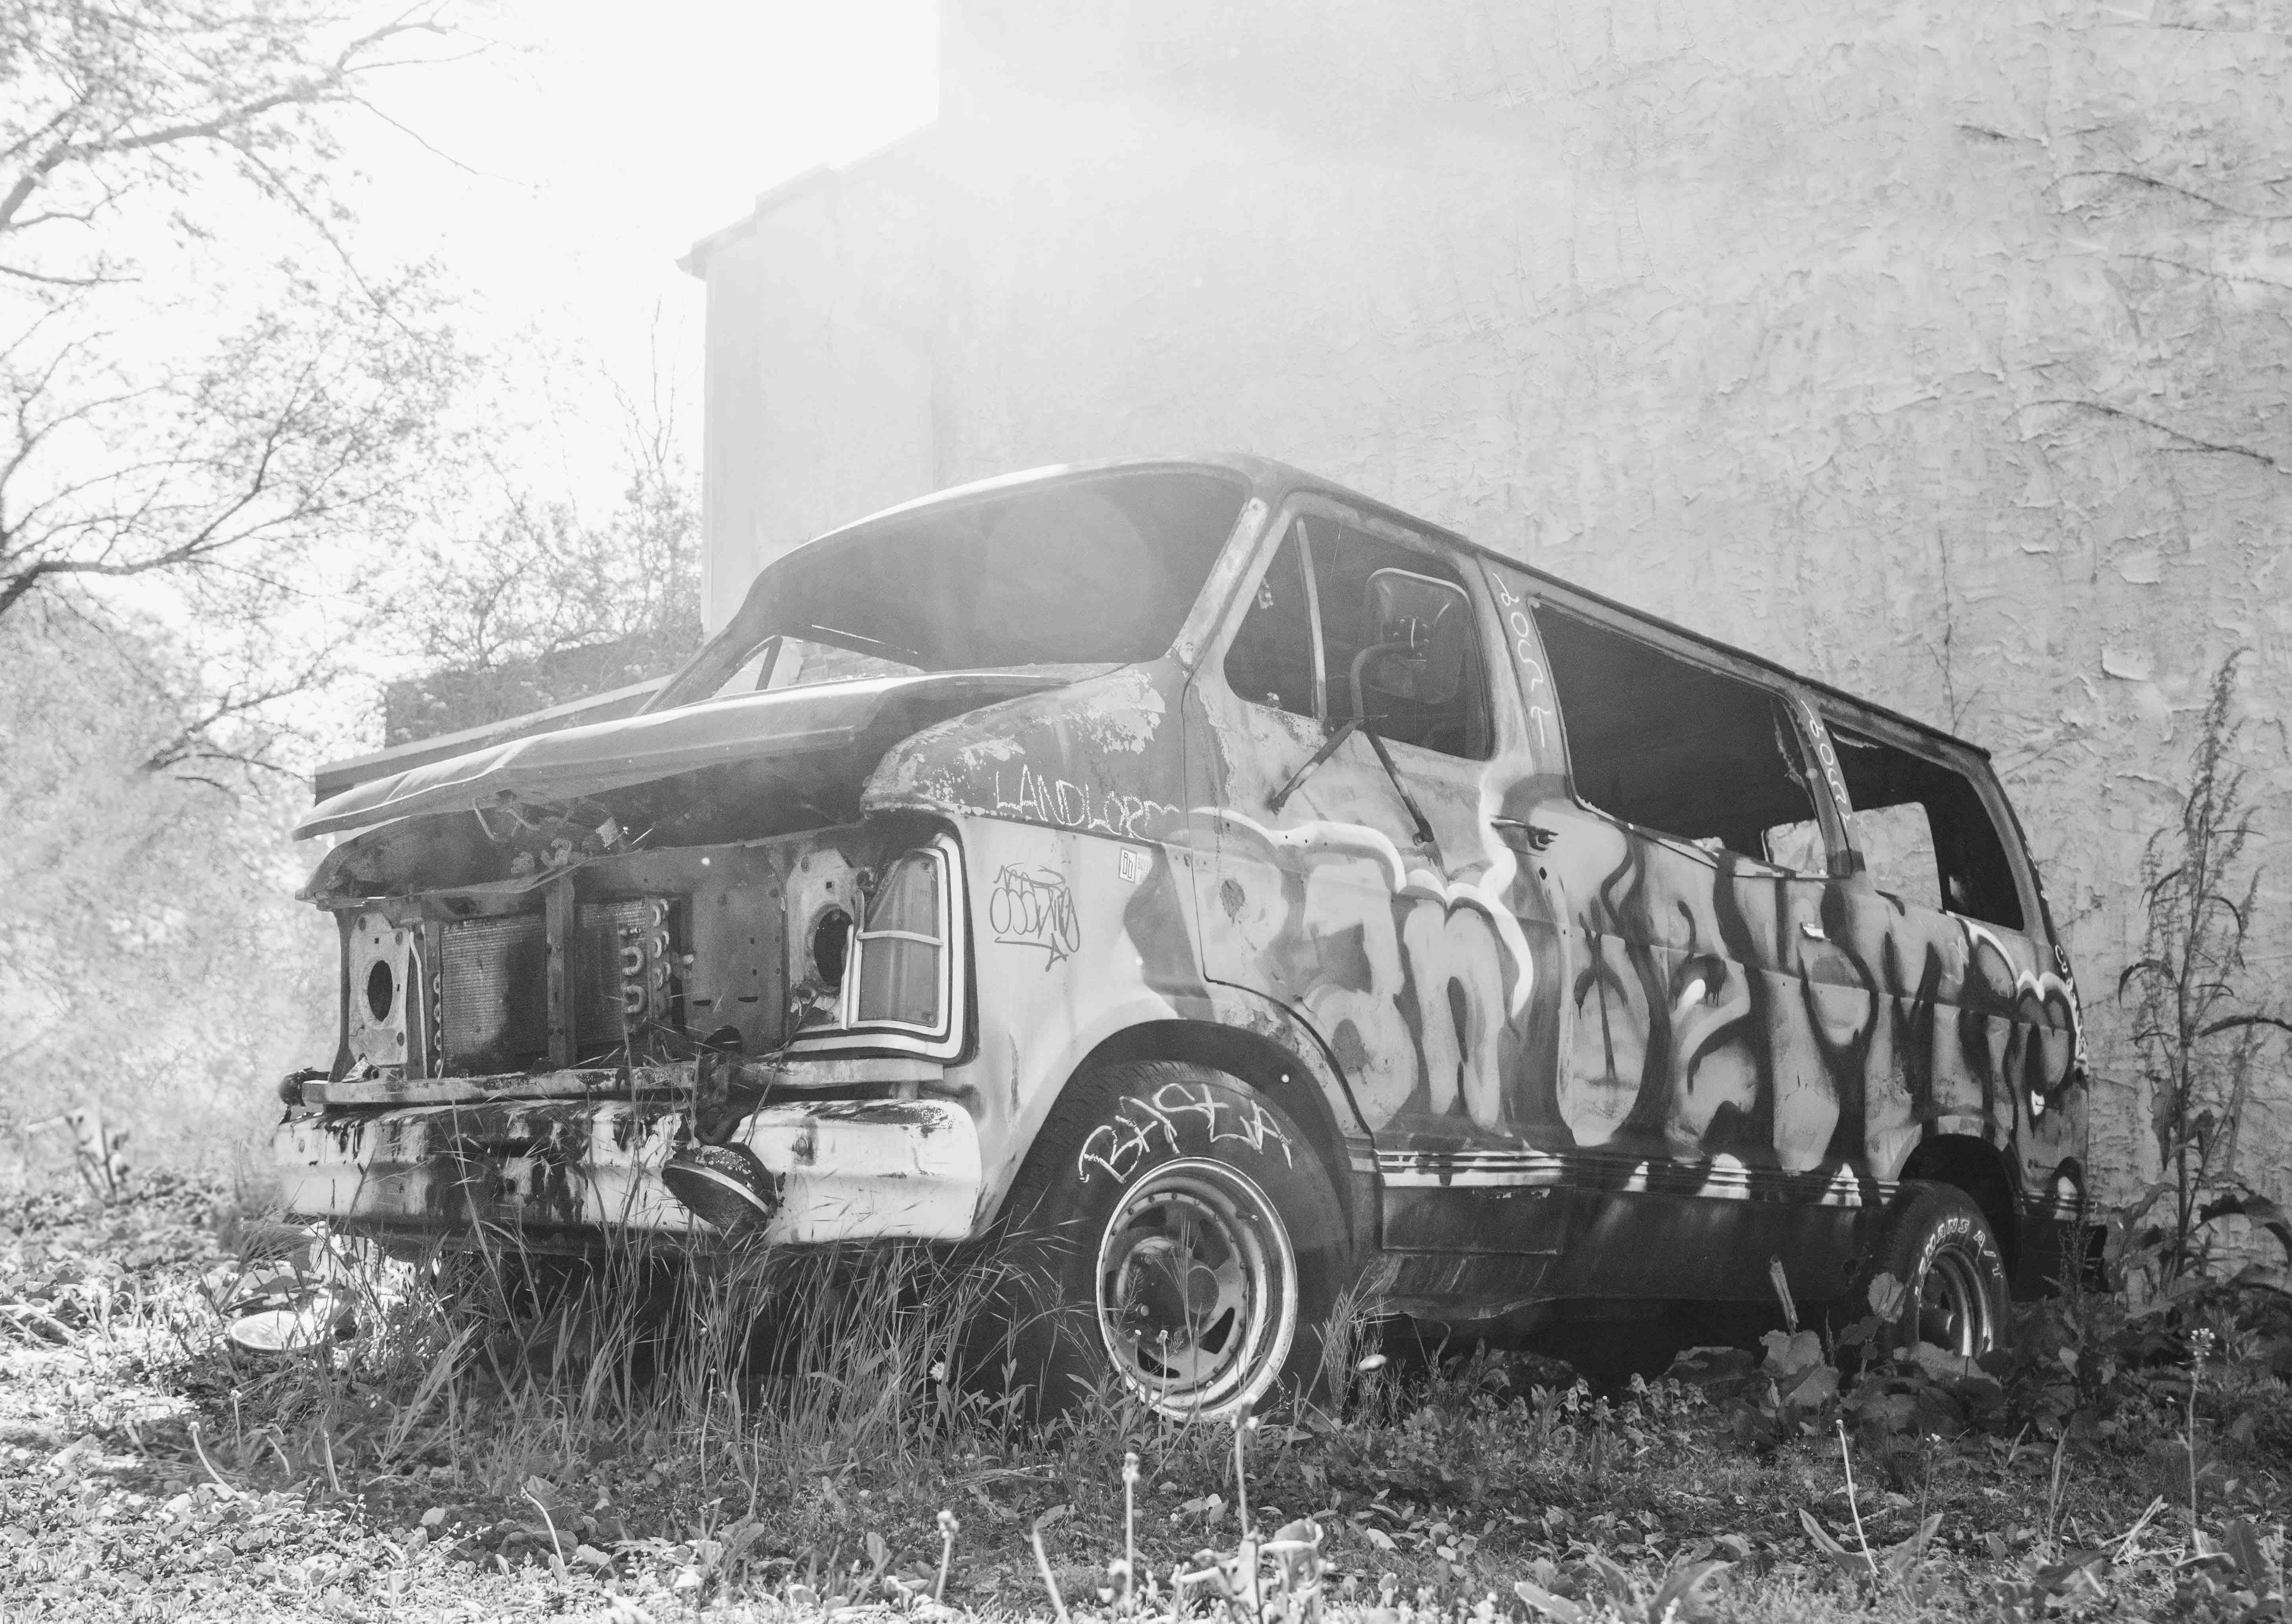 Graffiti Van - Manayunk, Pennsylvania